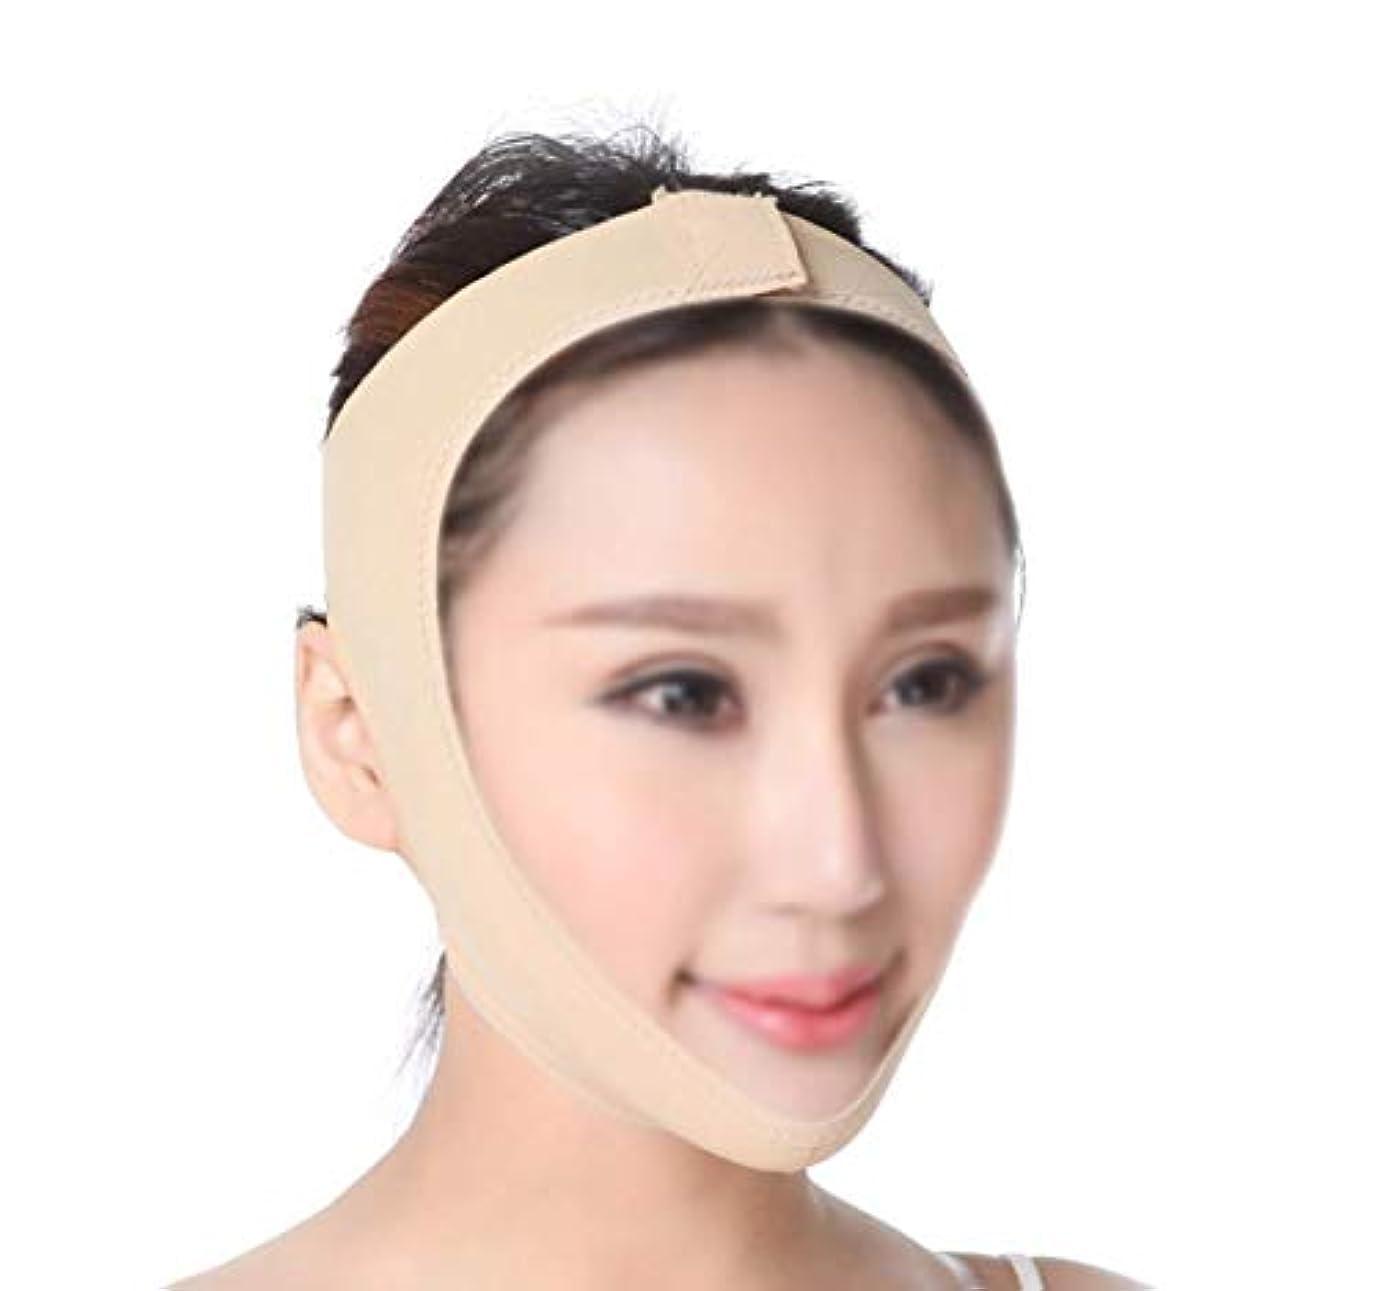 フェイスリフティング包帯、Vフェイスインストゥルメントフェイスマスクアーティファクト引き締めマスク手動フェイシャルマッサージ通気性肌のトーン(サイズ:M),Xl